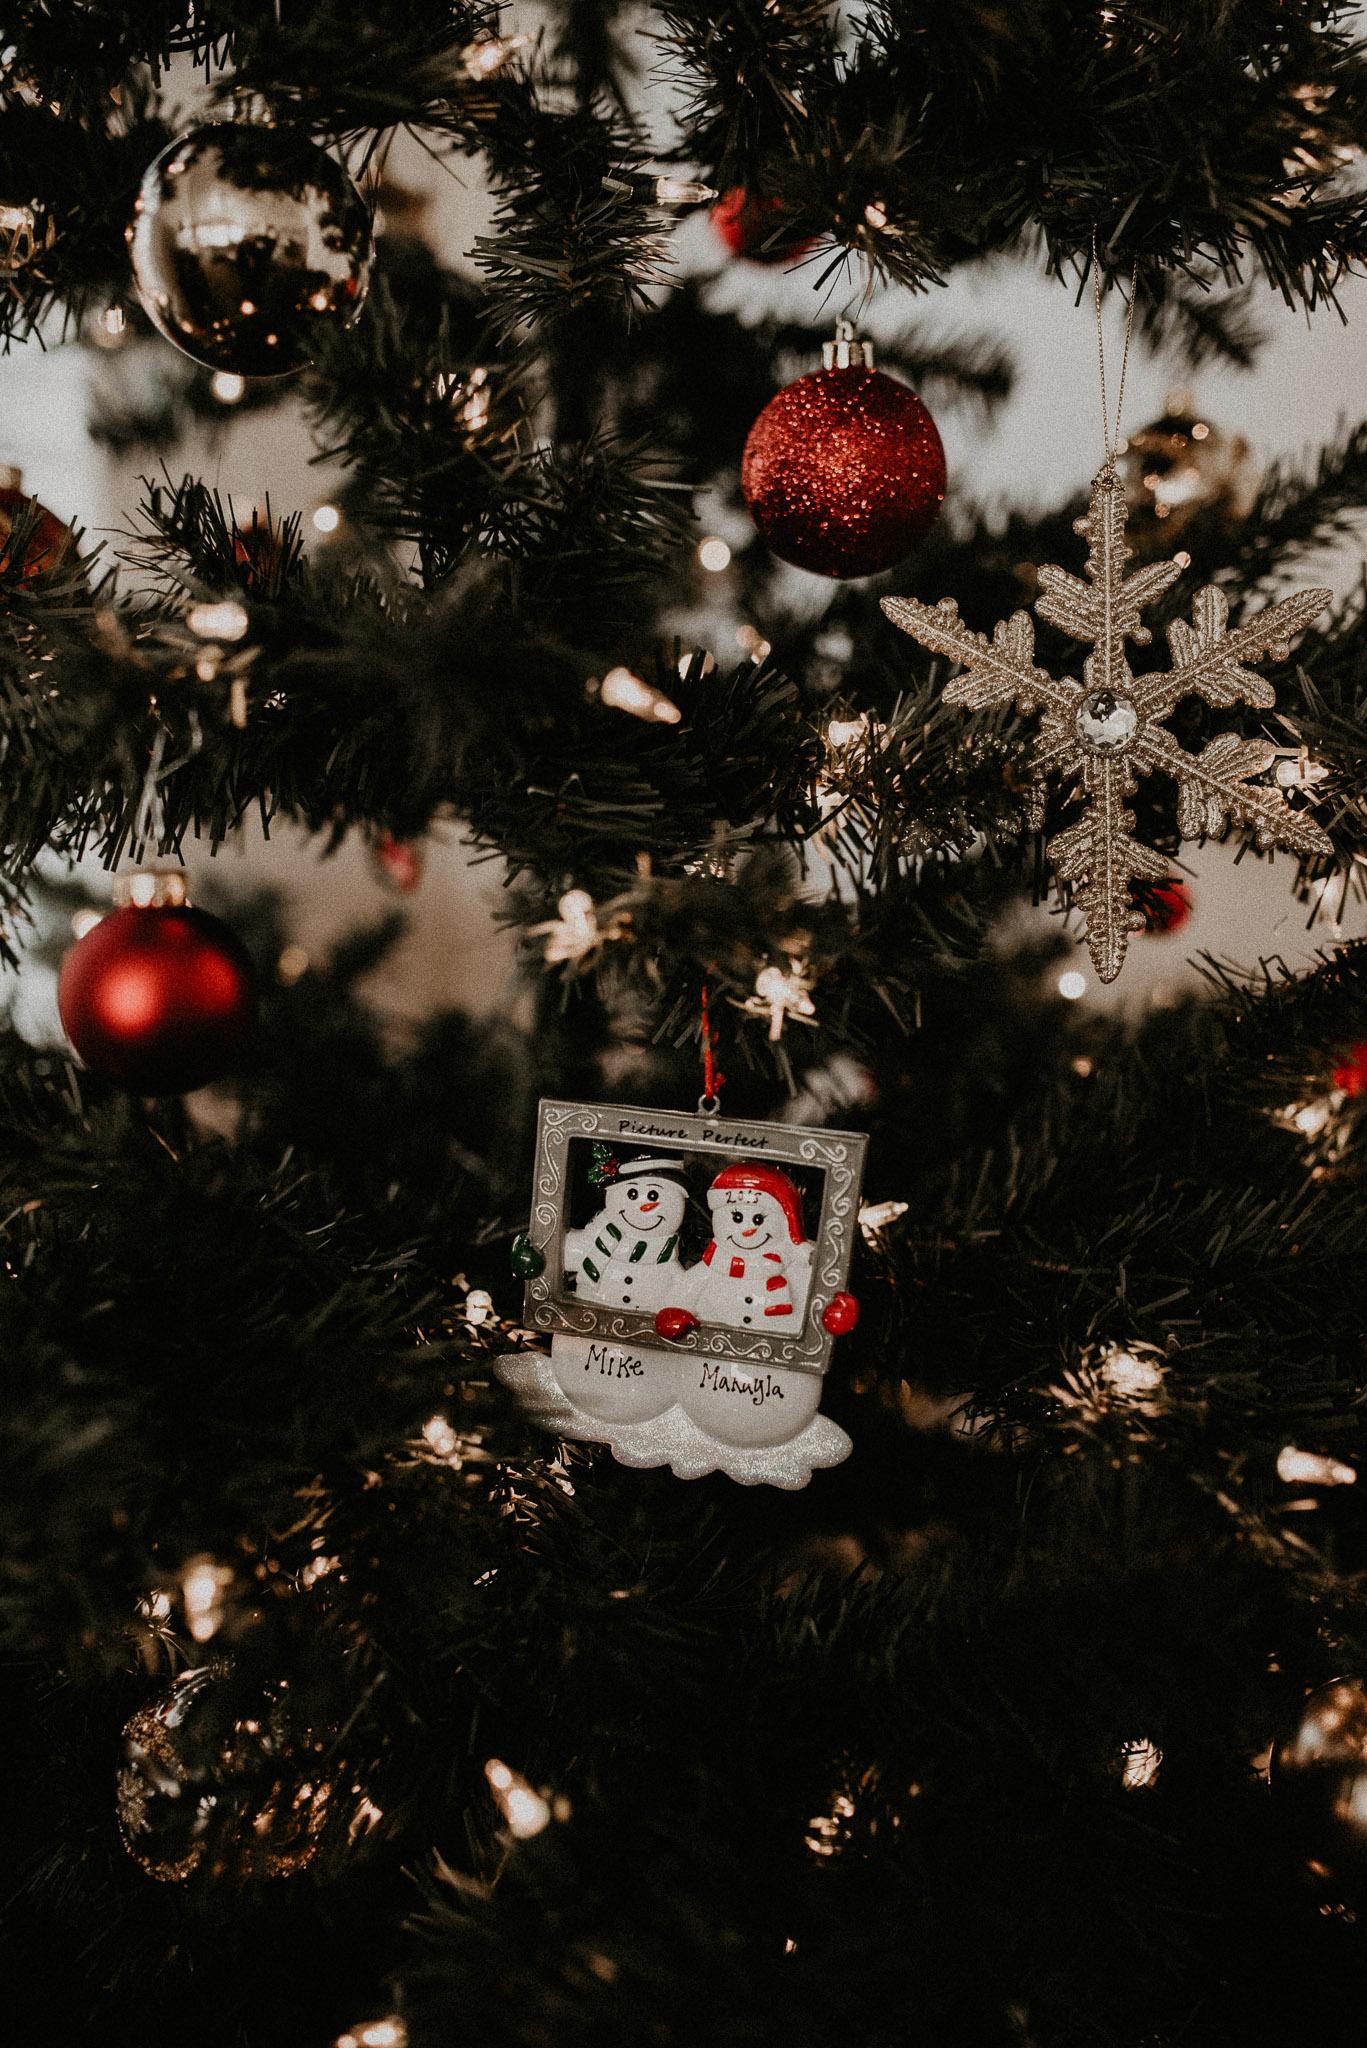 Christmas Season at Home 170118.jpg